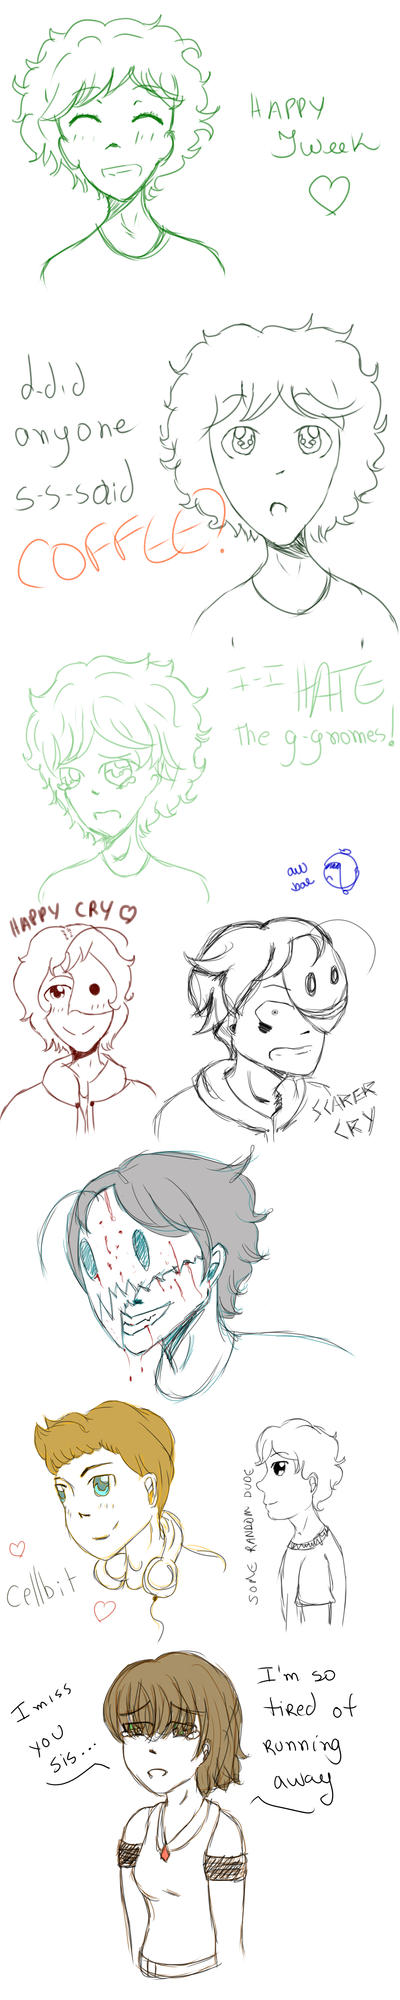 OC, Tweek, Cry and Cellbit - Sketchdump by seoungfannie